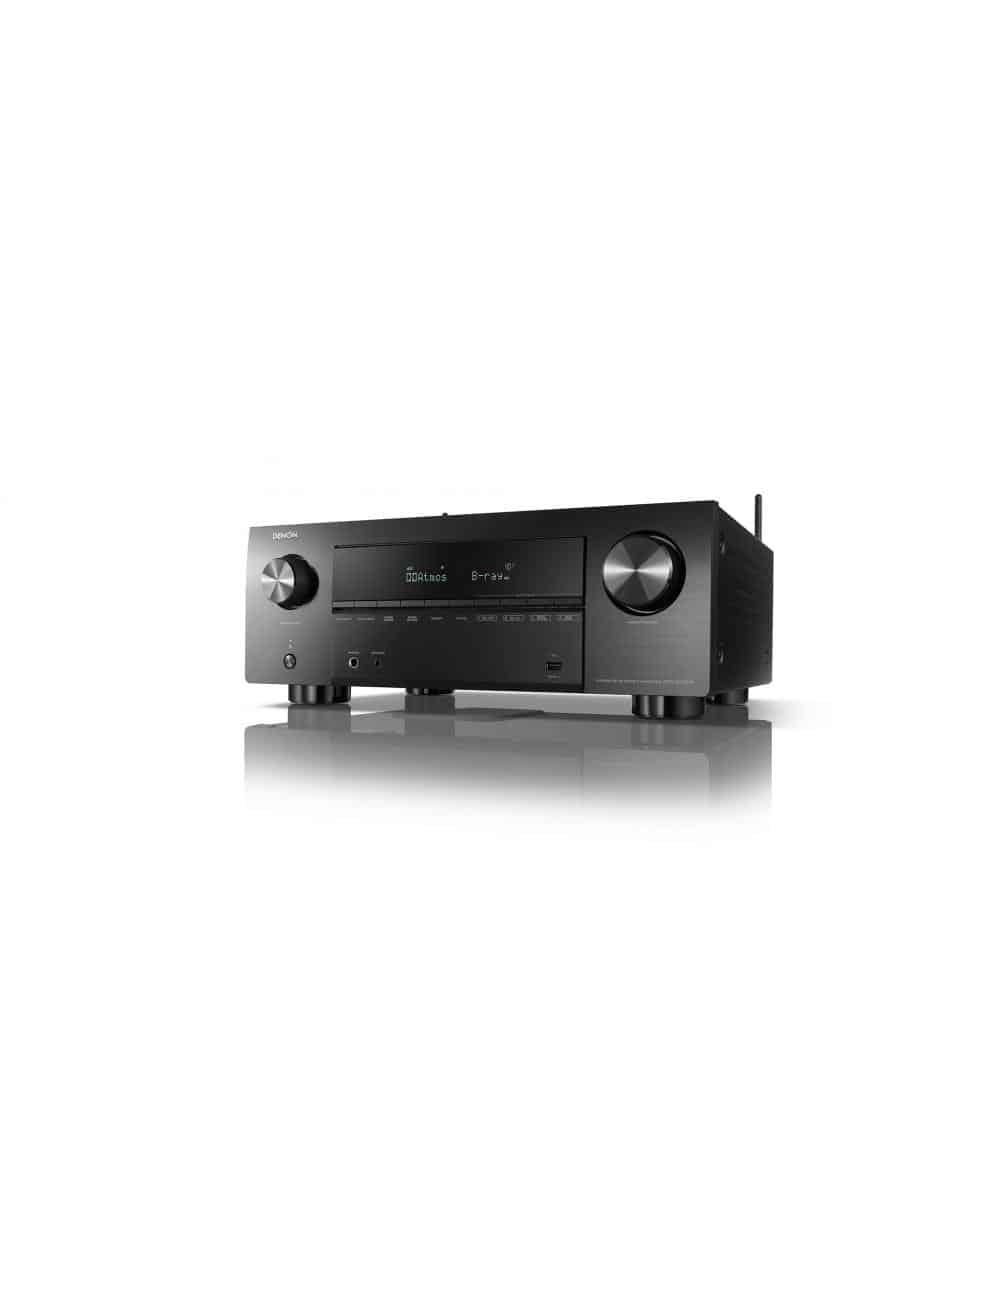 Sintoamplificatore AV 9.2 canali 8K Ultra HD con Audio 3D e HEOS, Denon AVC-X3700H